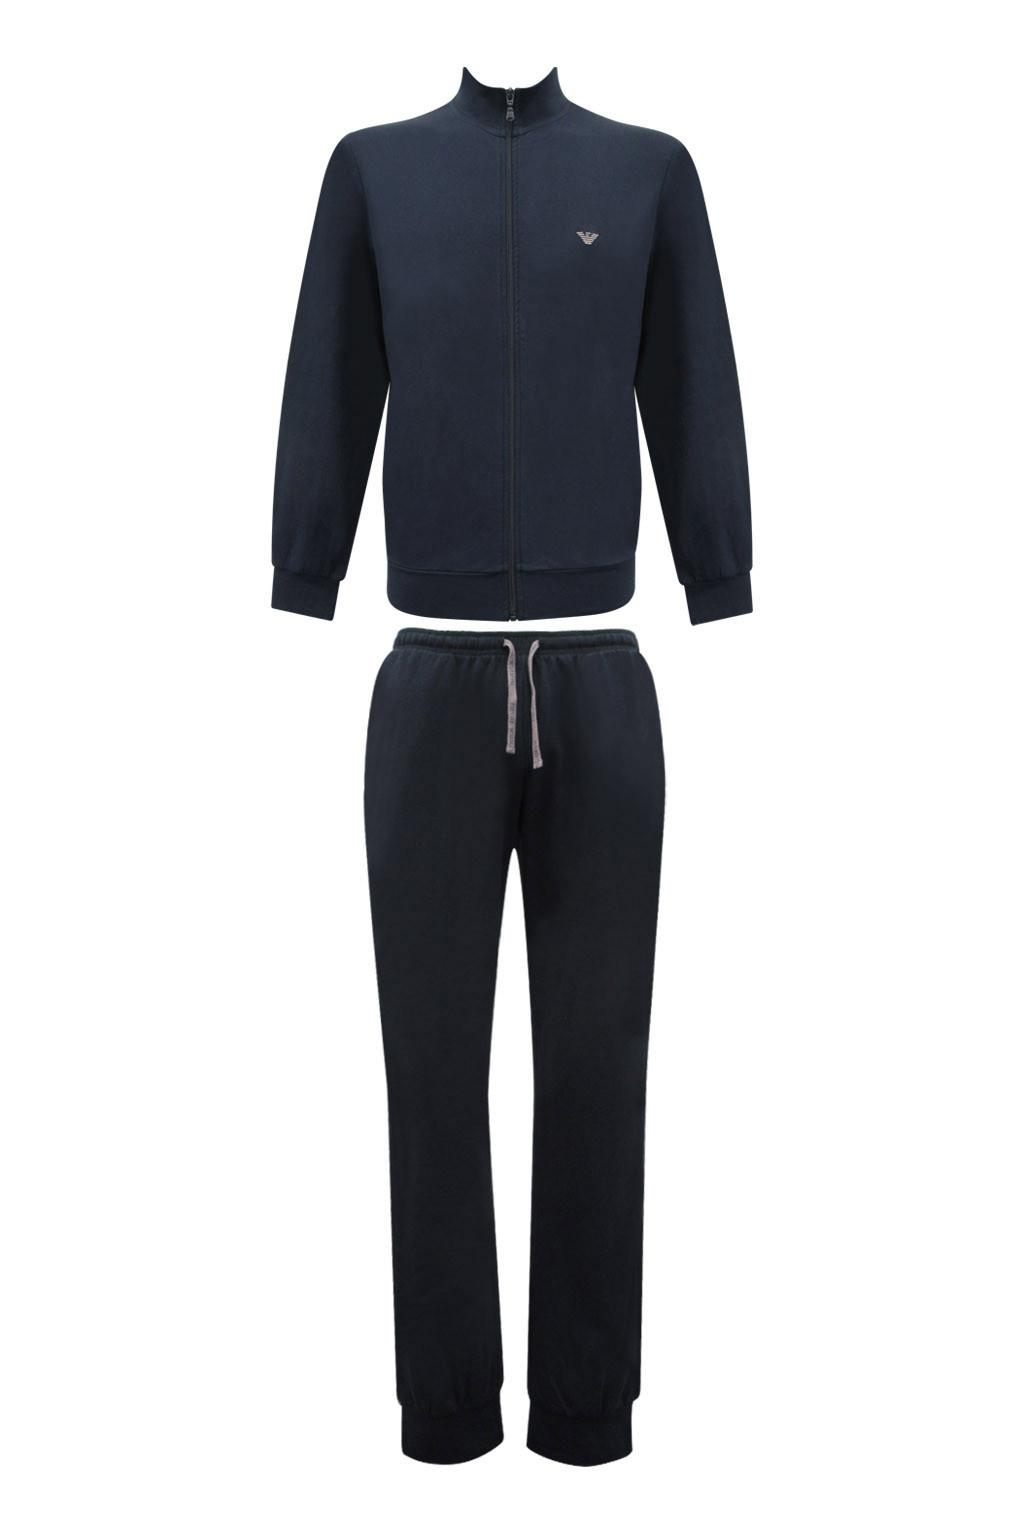 Pánské pyžamo 111795 CC570 00135 modrá - Emporio Armani modrá S